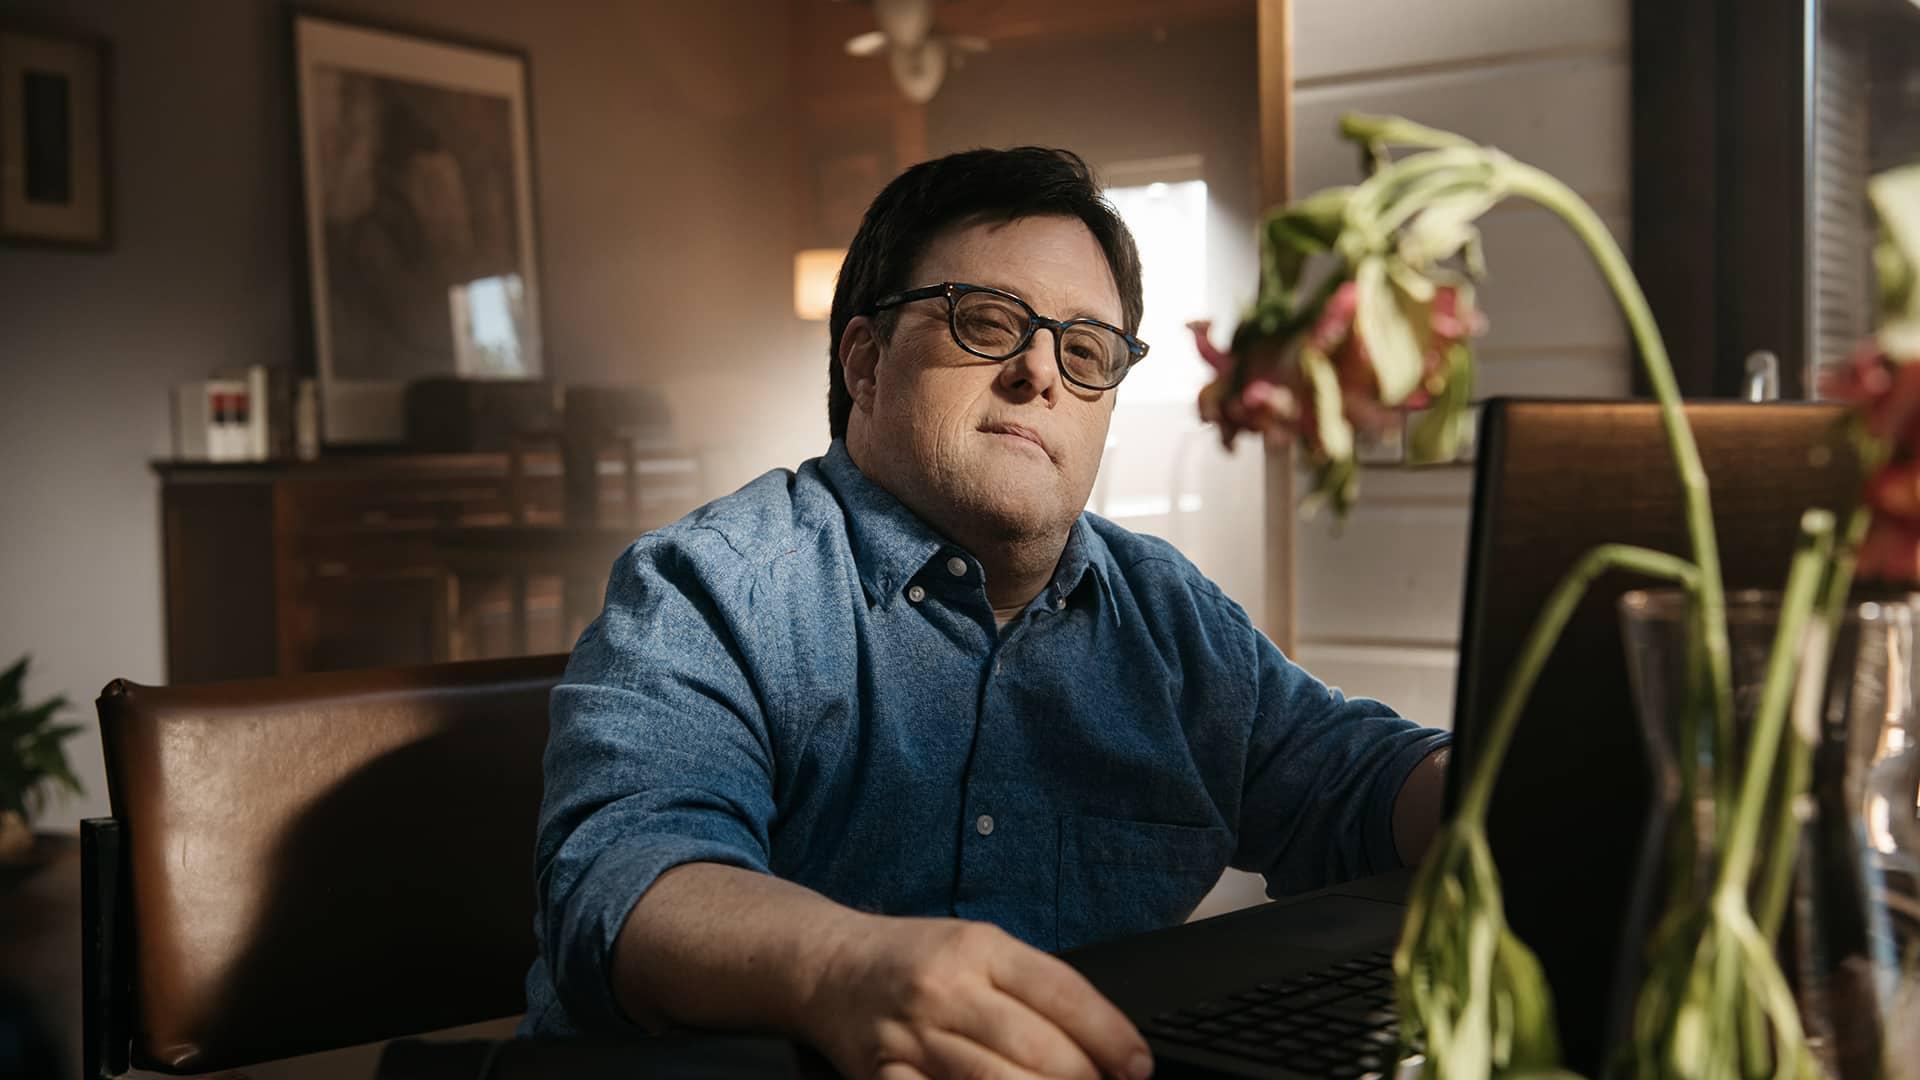 Pablo Pineda, frente al ordenador, detrás de una flor marchita.